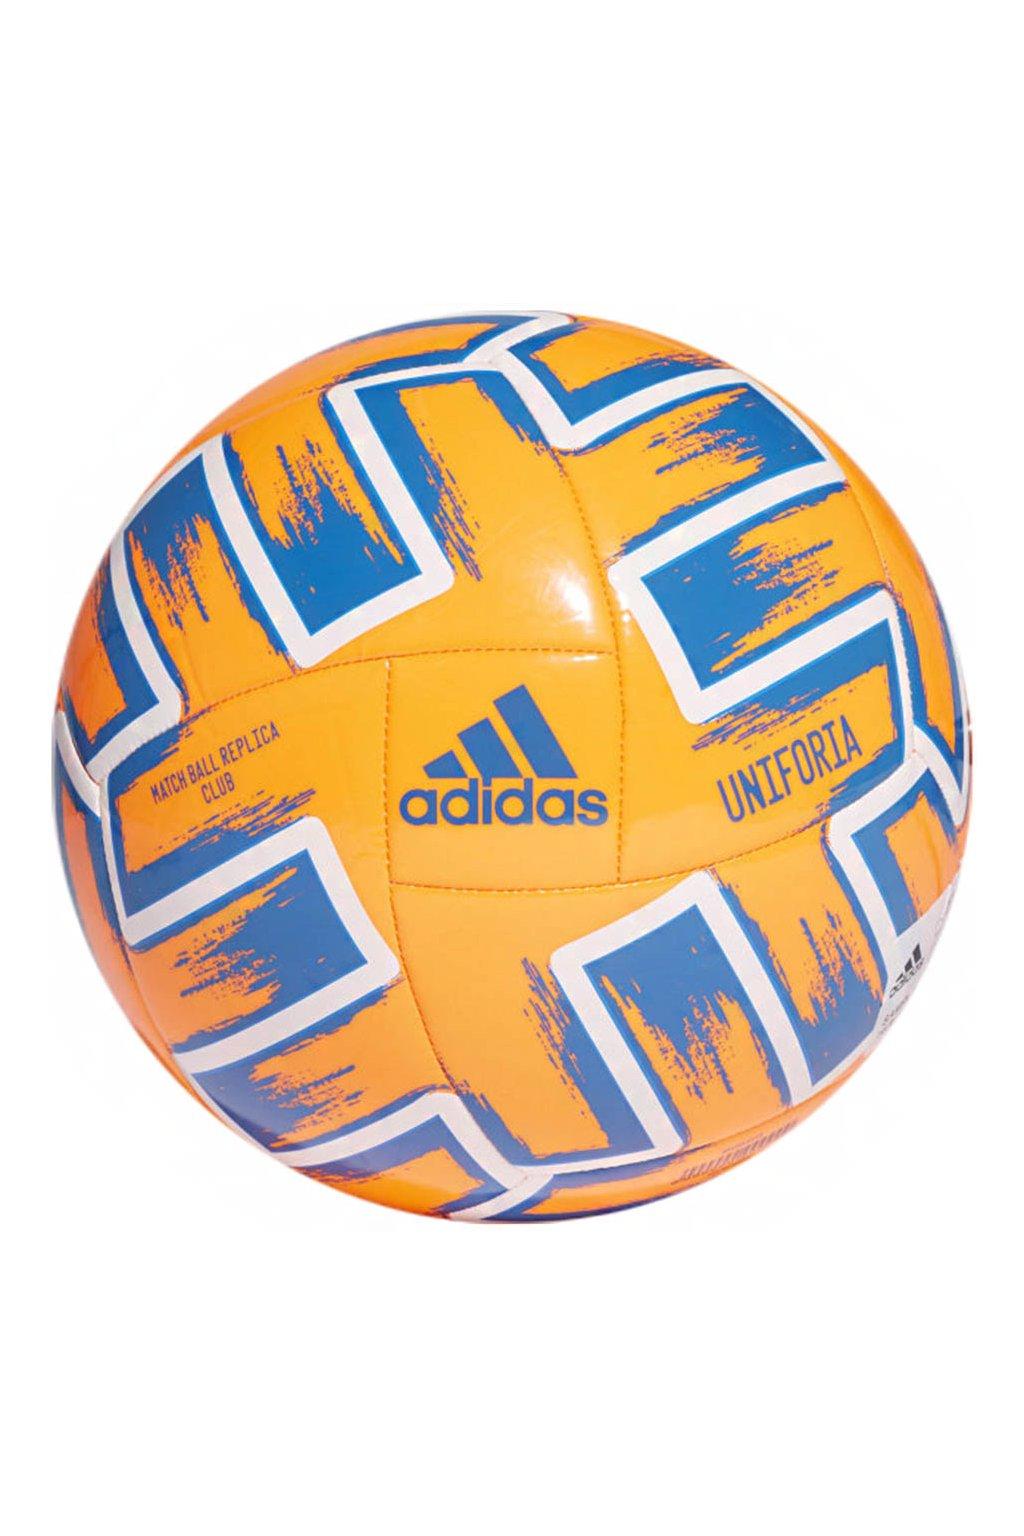 Futbalová lopta Adidas Uniforia FP9705 oranžová